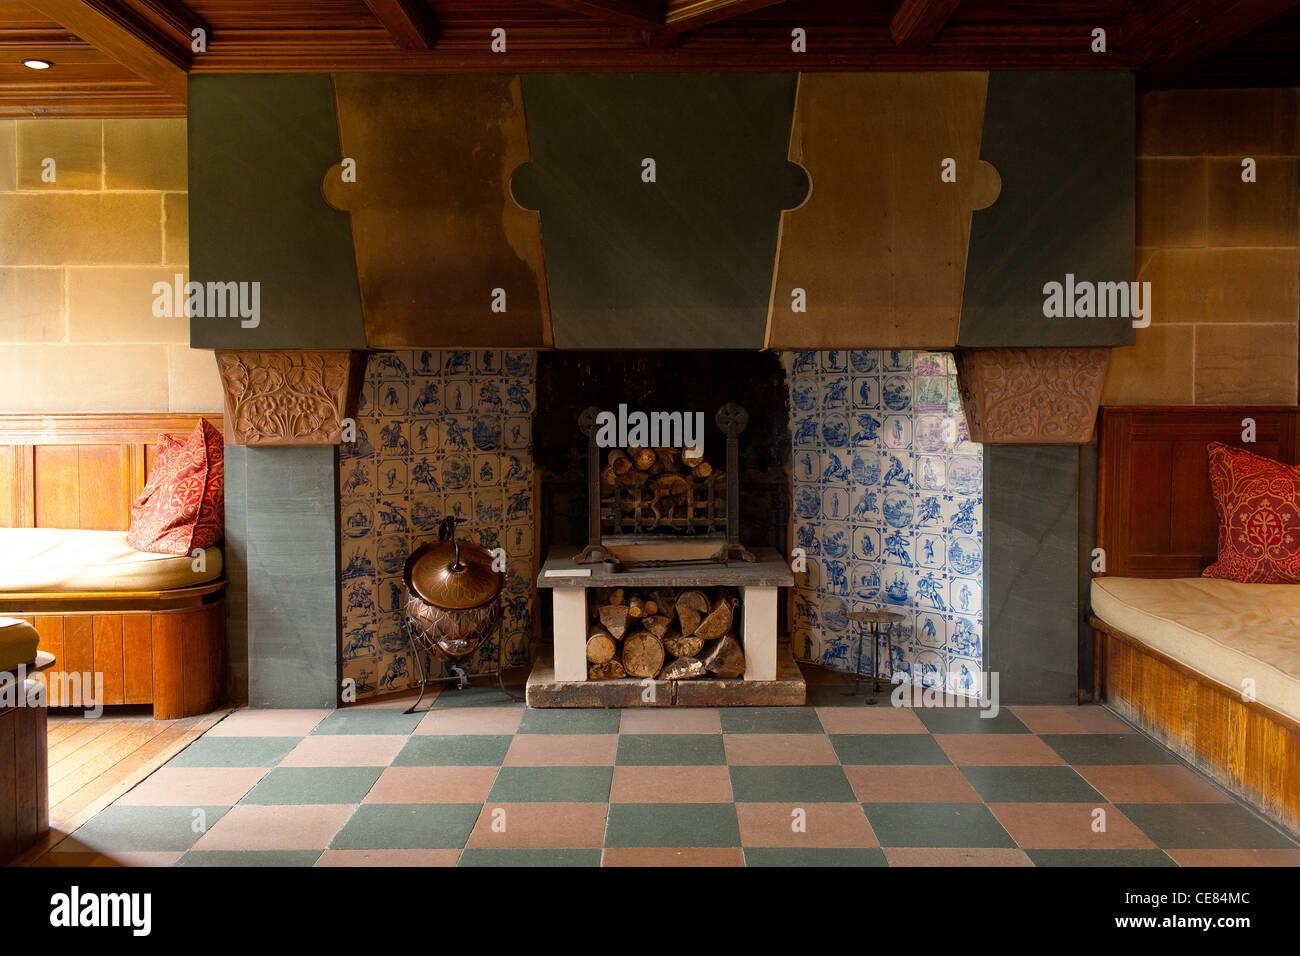 Interni esempi stunning interni esempi with interni esempi cheap ravenna italia febbraio - Arte della casa ...